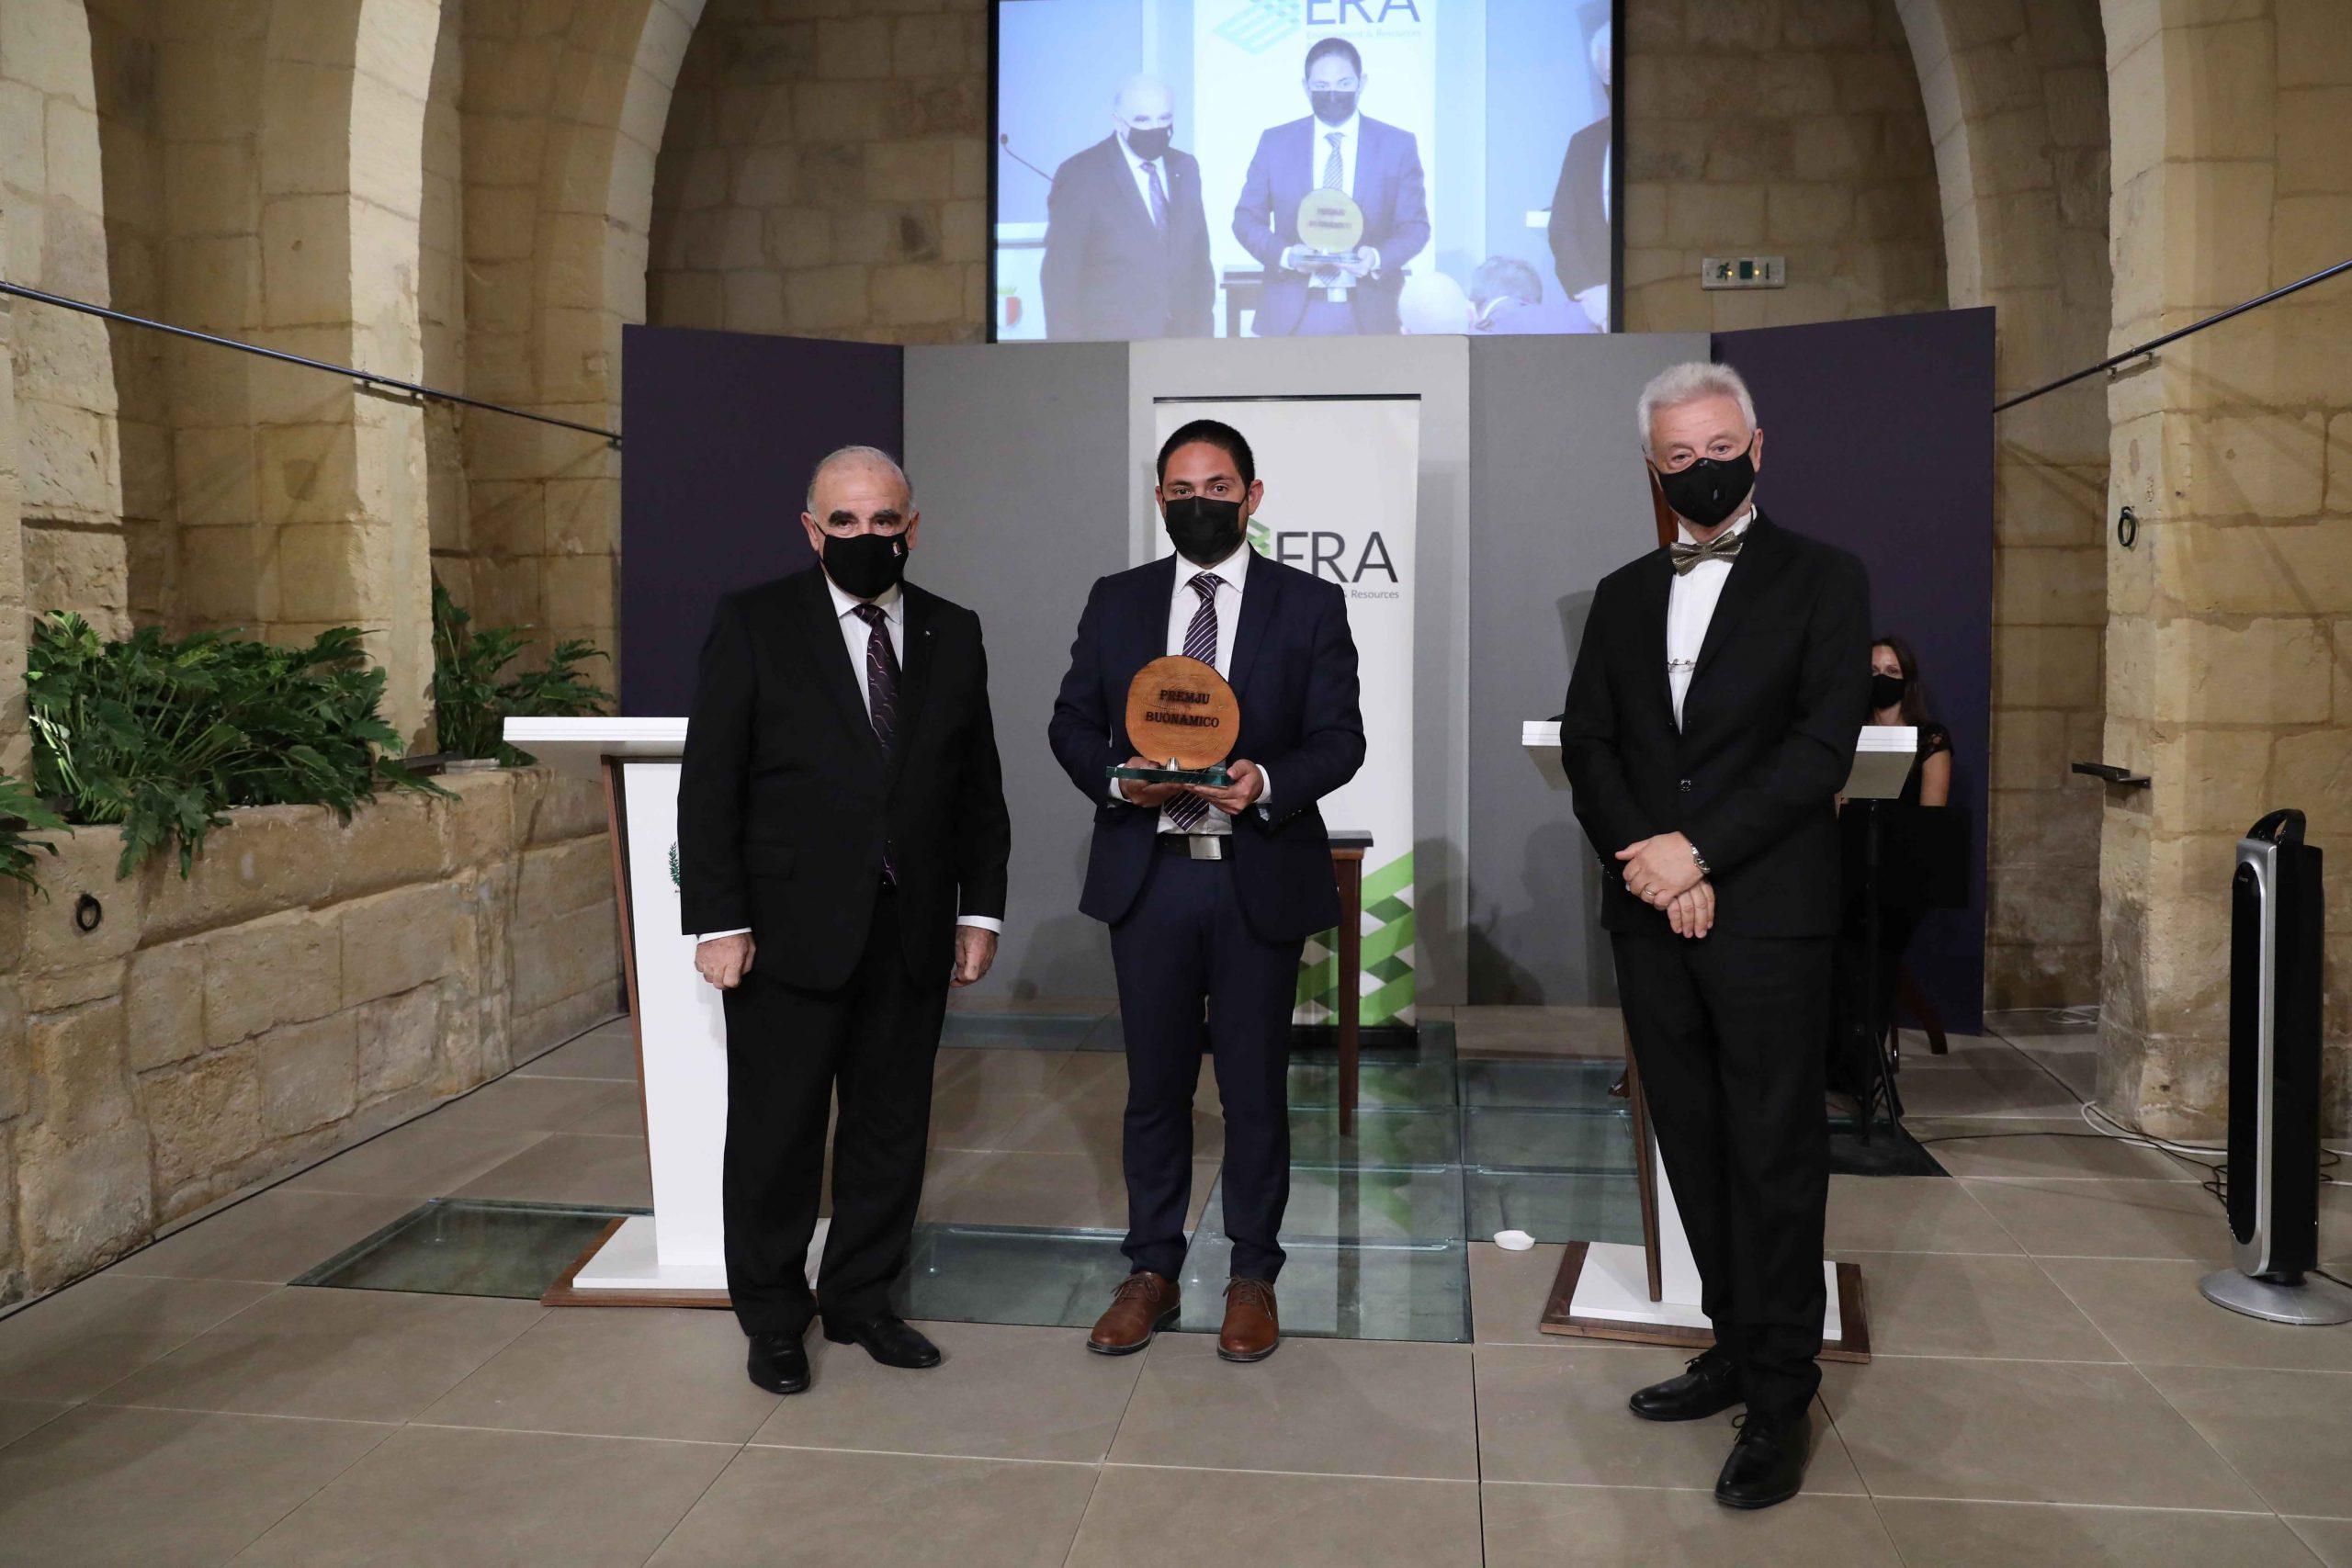 Buonamico Award 2021